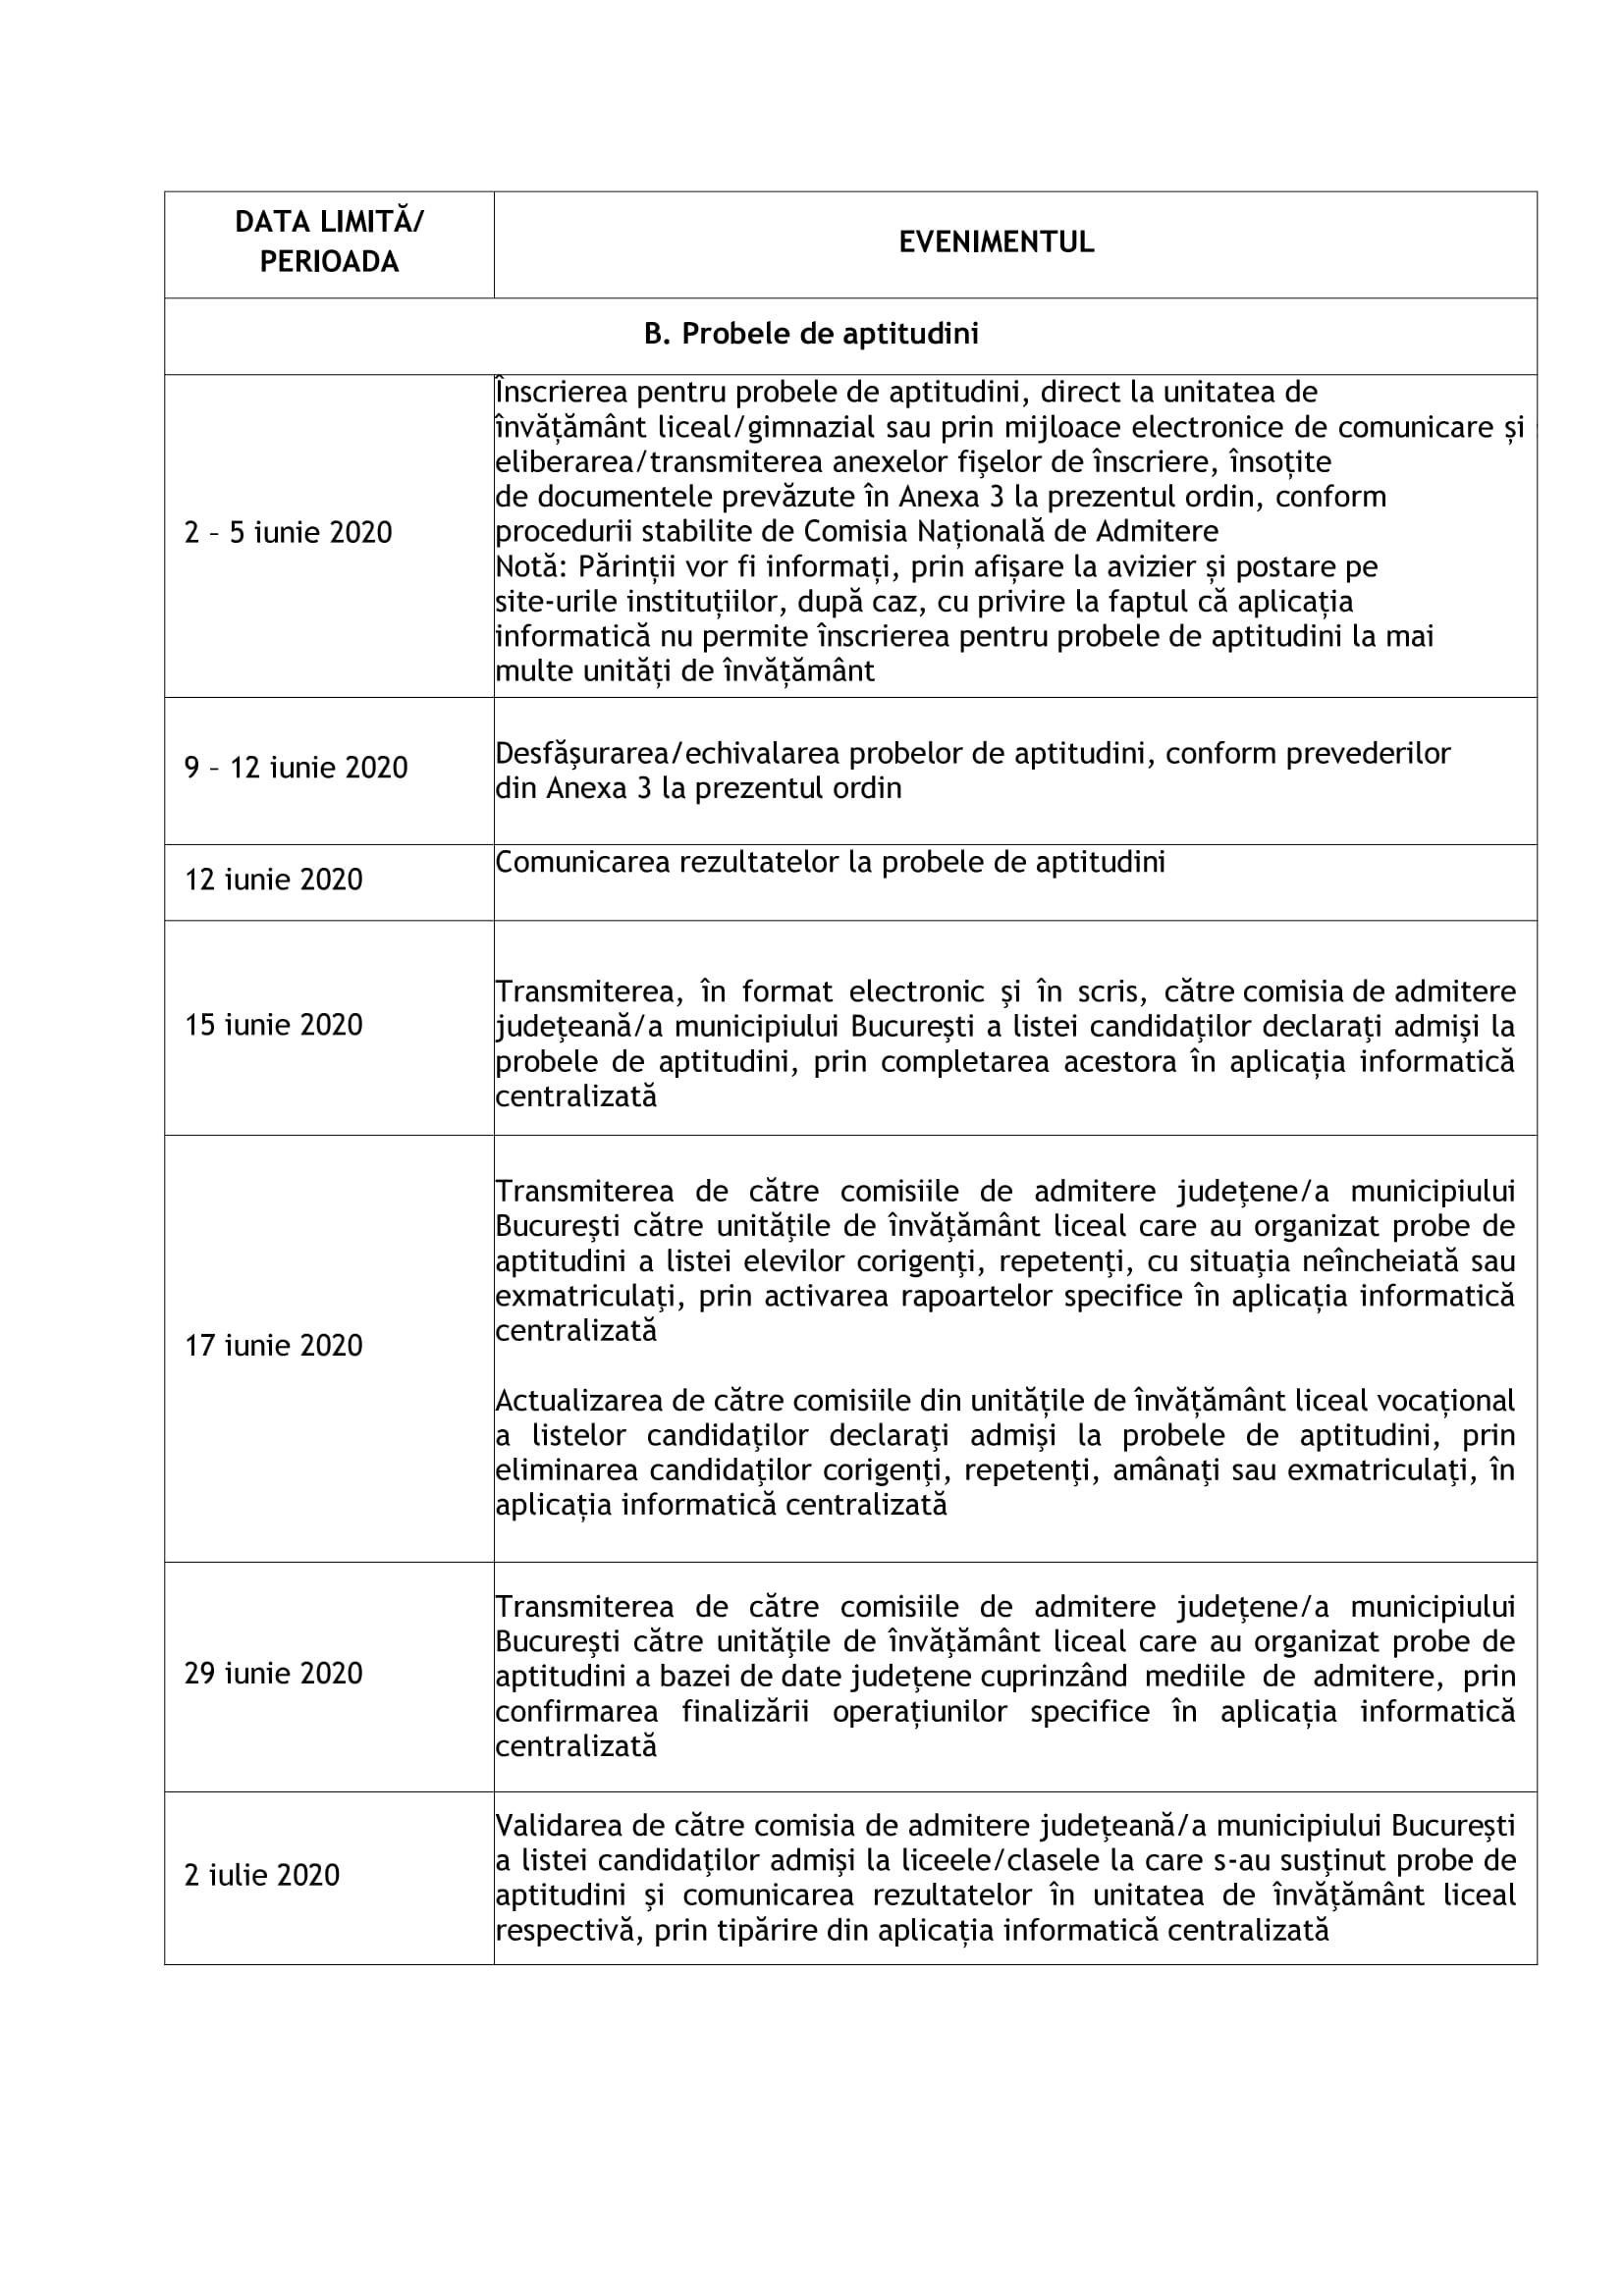 oferta de opțiuni 2020)